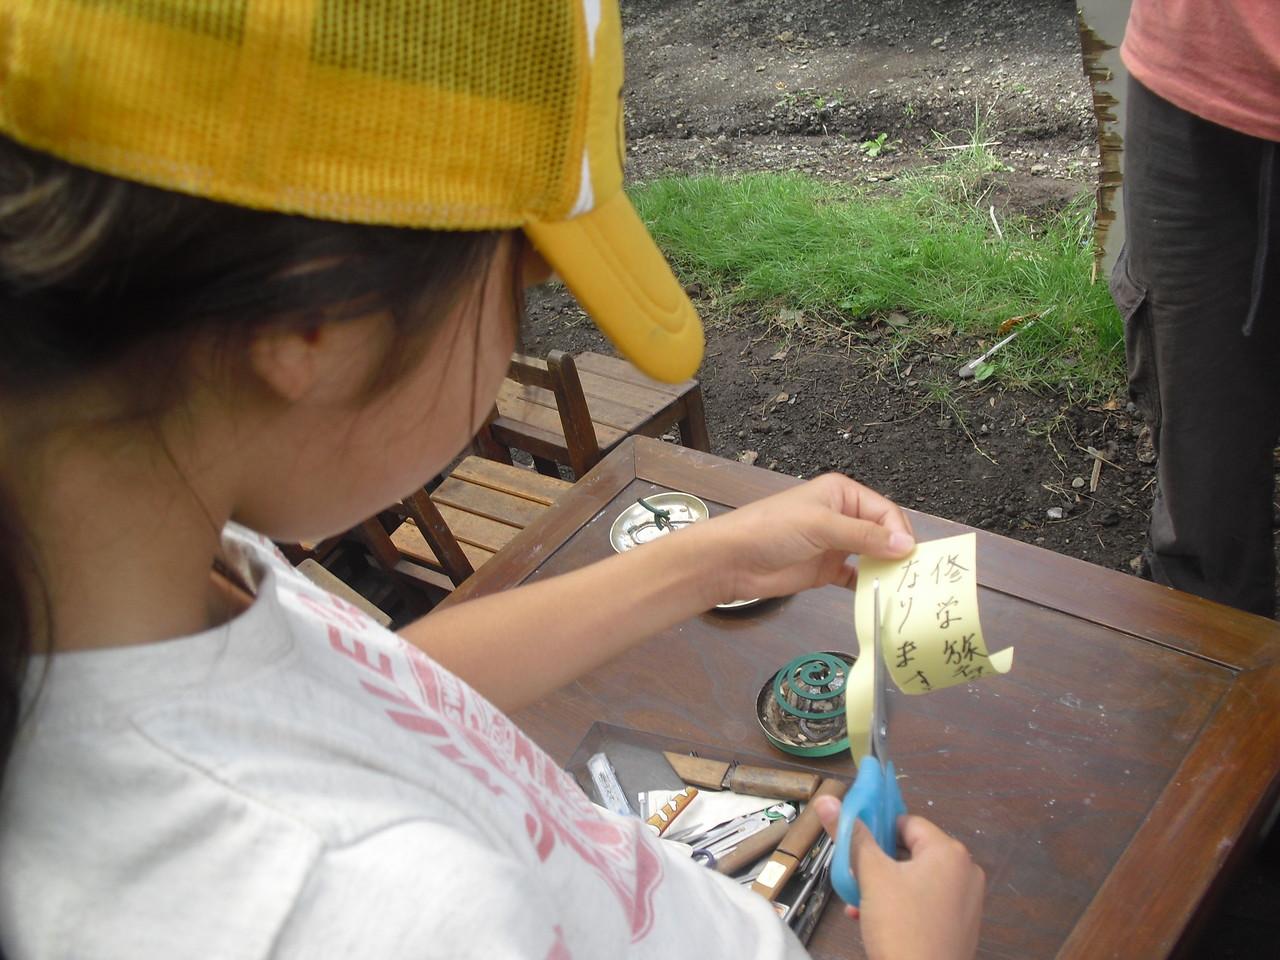 その後、七夕飾りをみんなで作り、竹に飾っていきます。